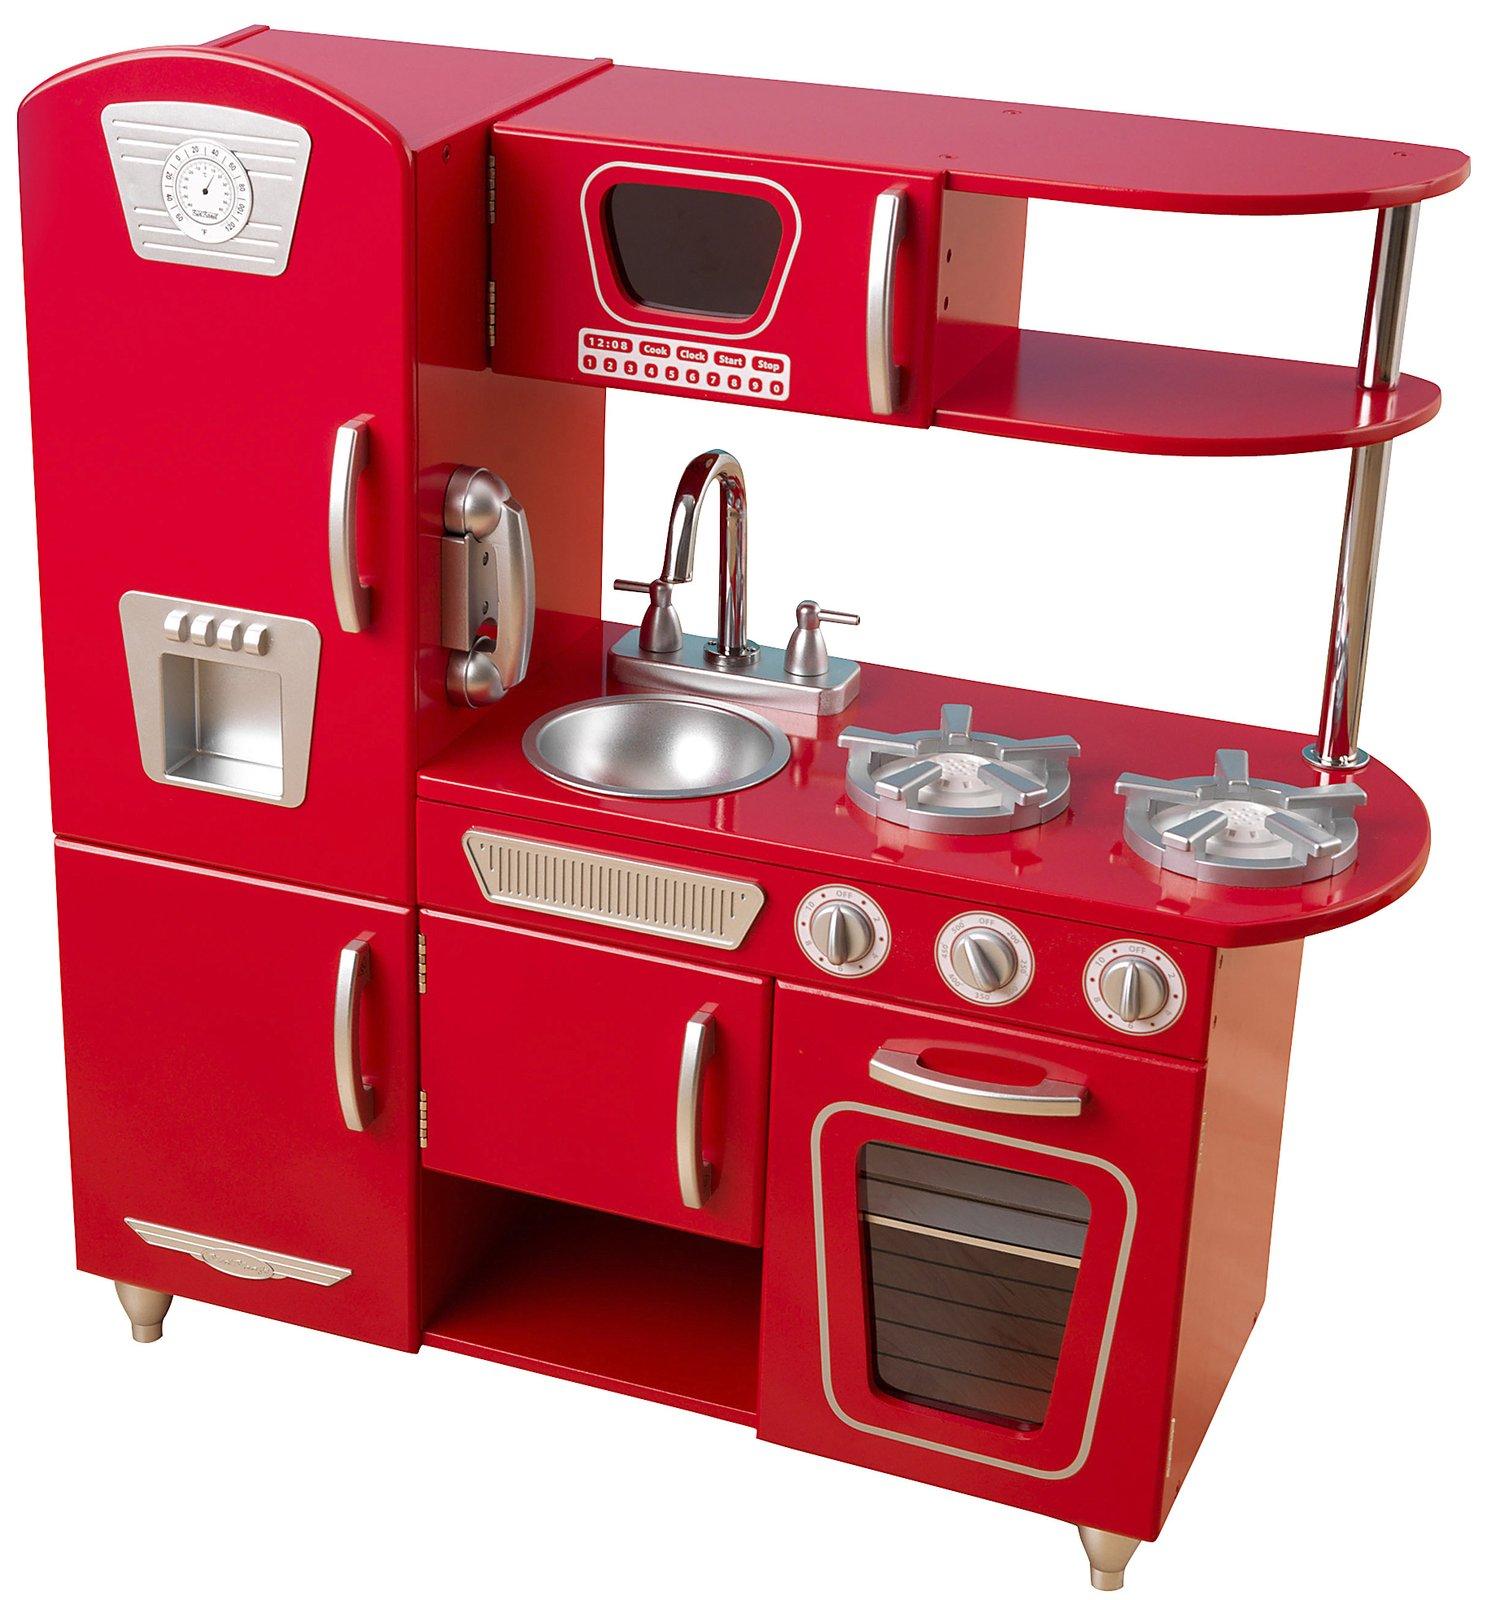 Kid kraft retro kitchen photo - 3